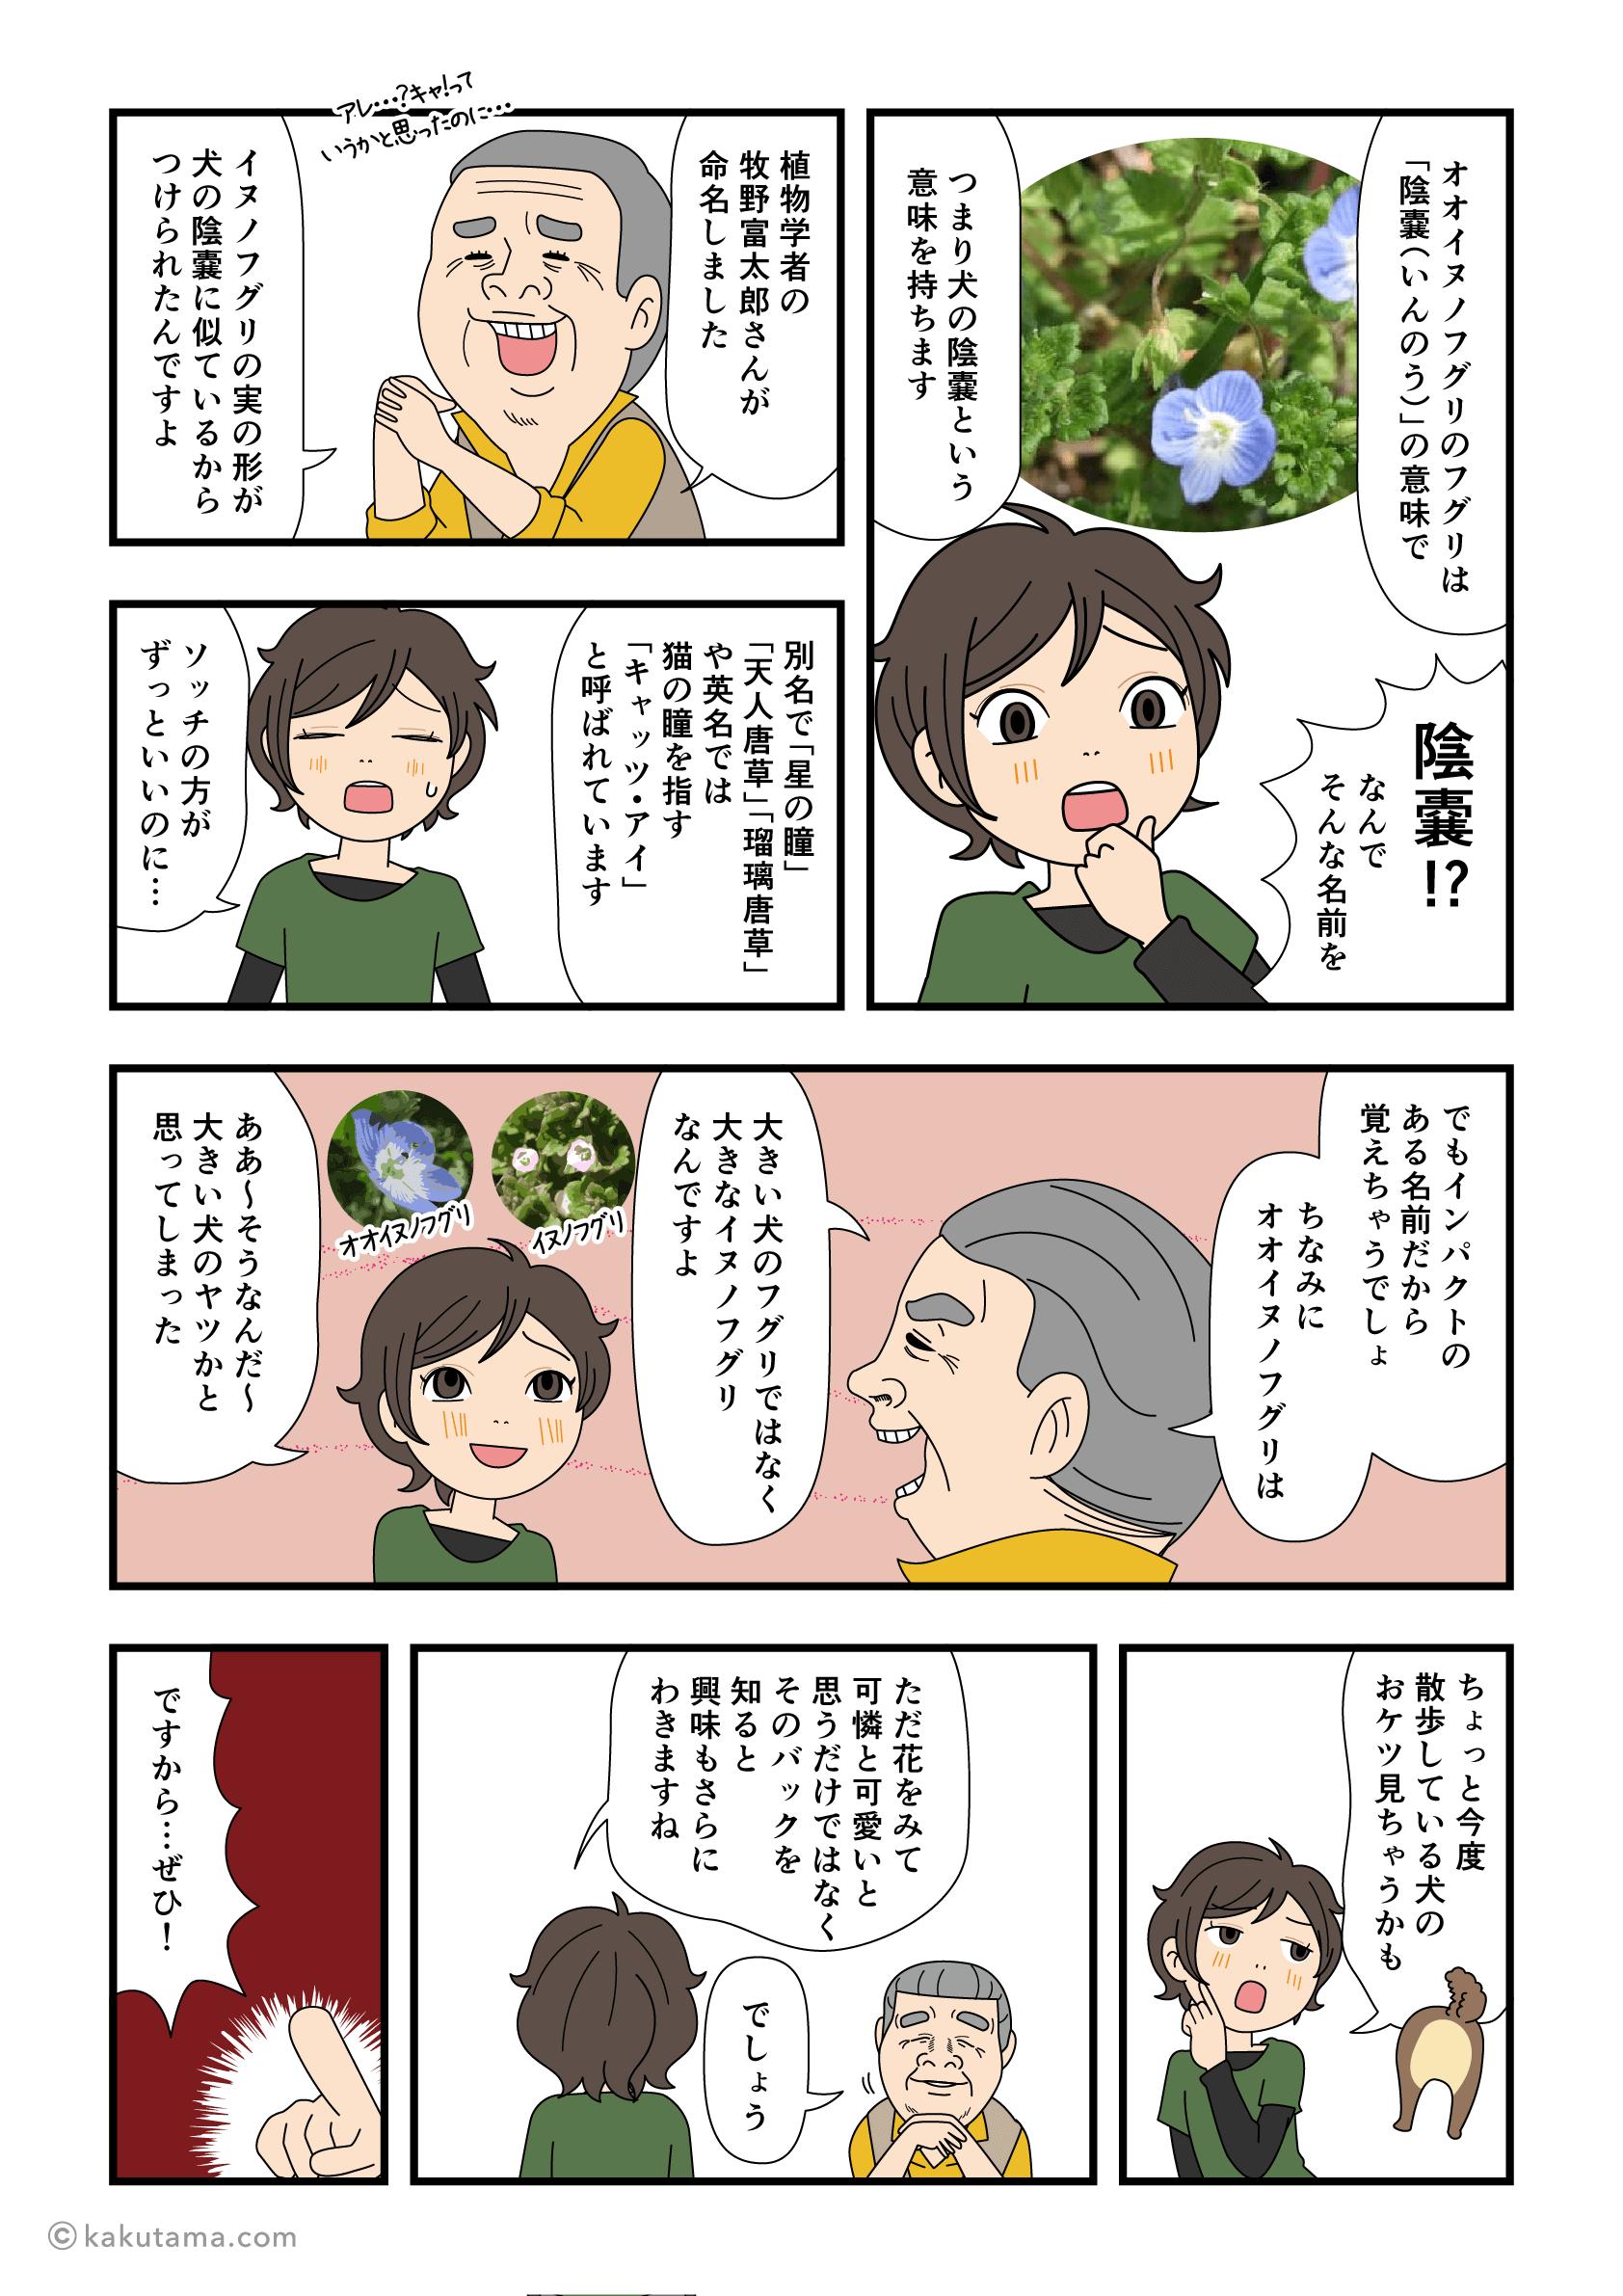 オオイヌノフグリの名前の由来を聞いて花に興味が出る漫画